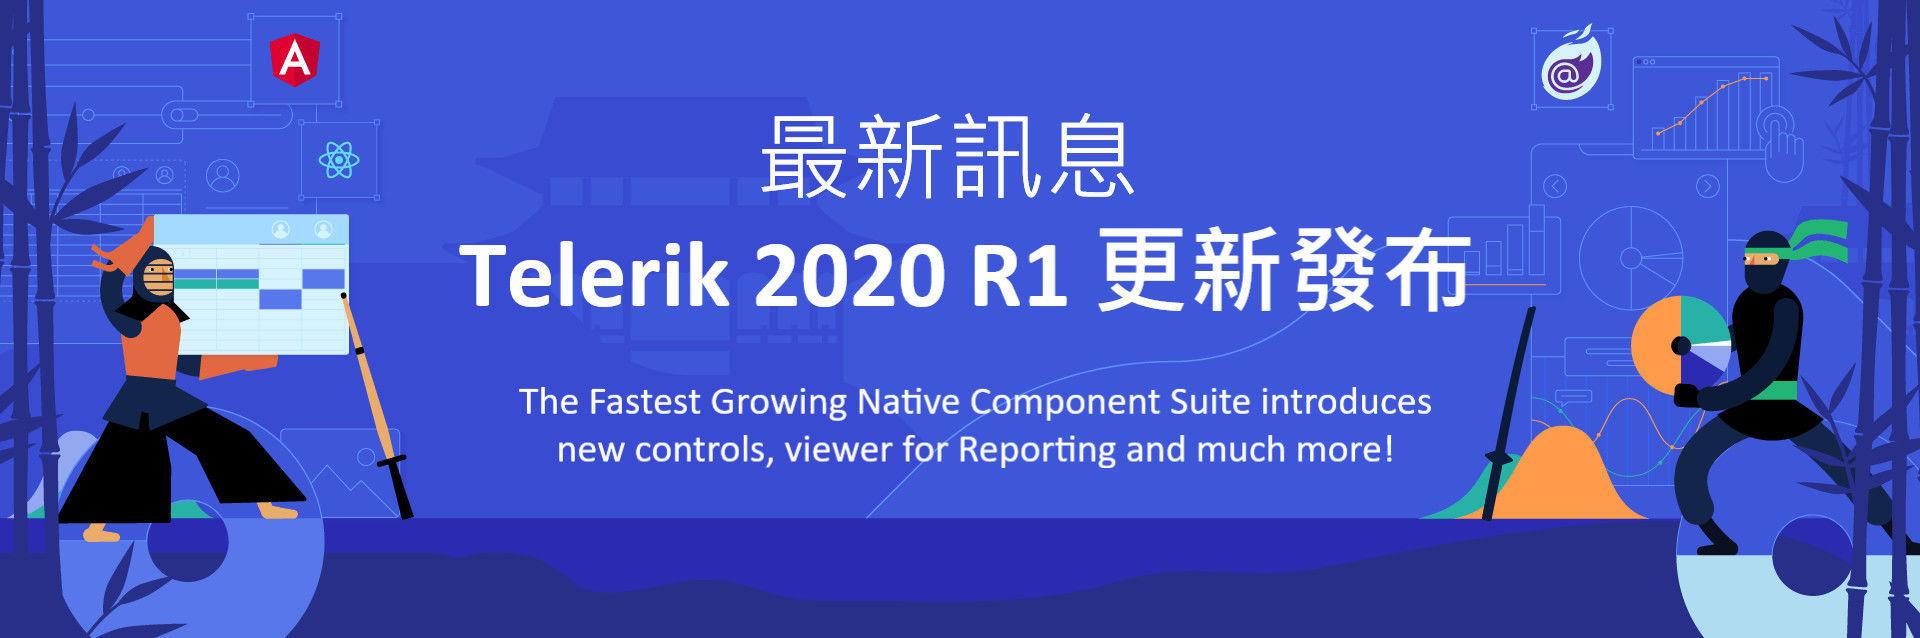 Telerik 2020 R1 更新發布